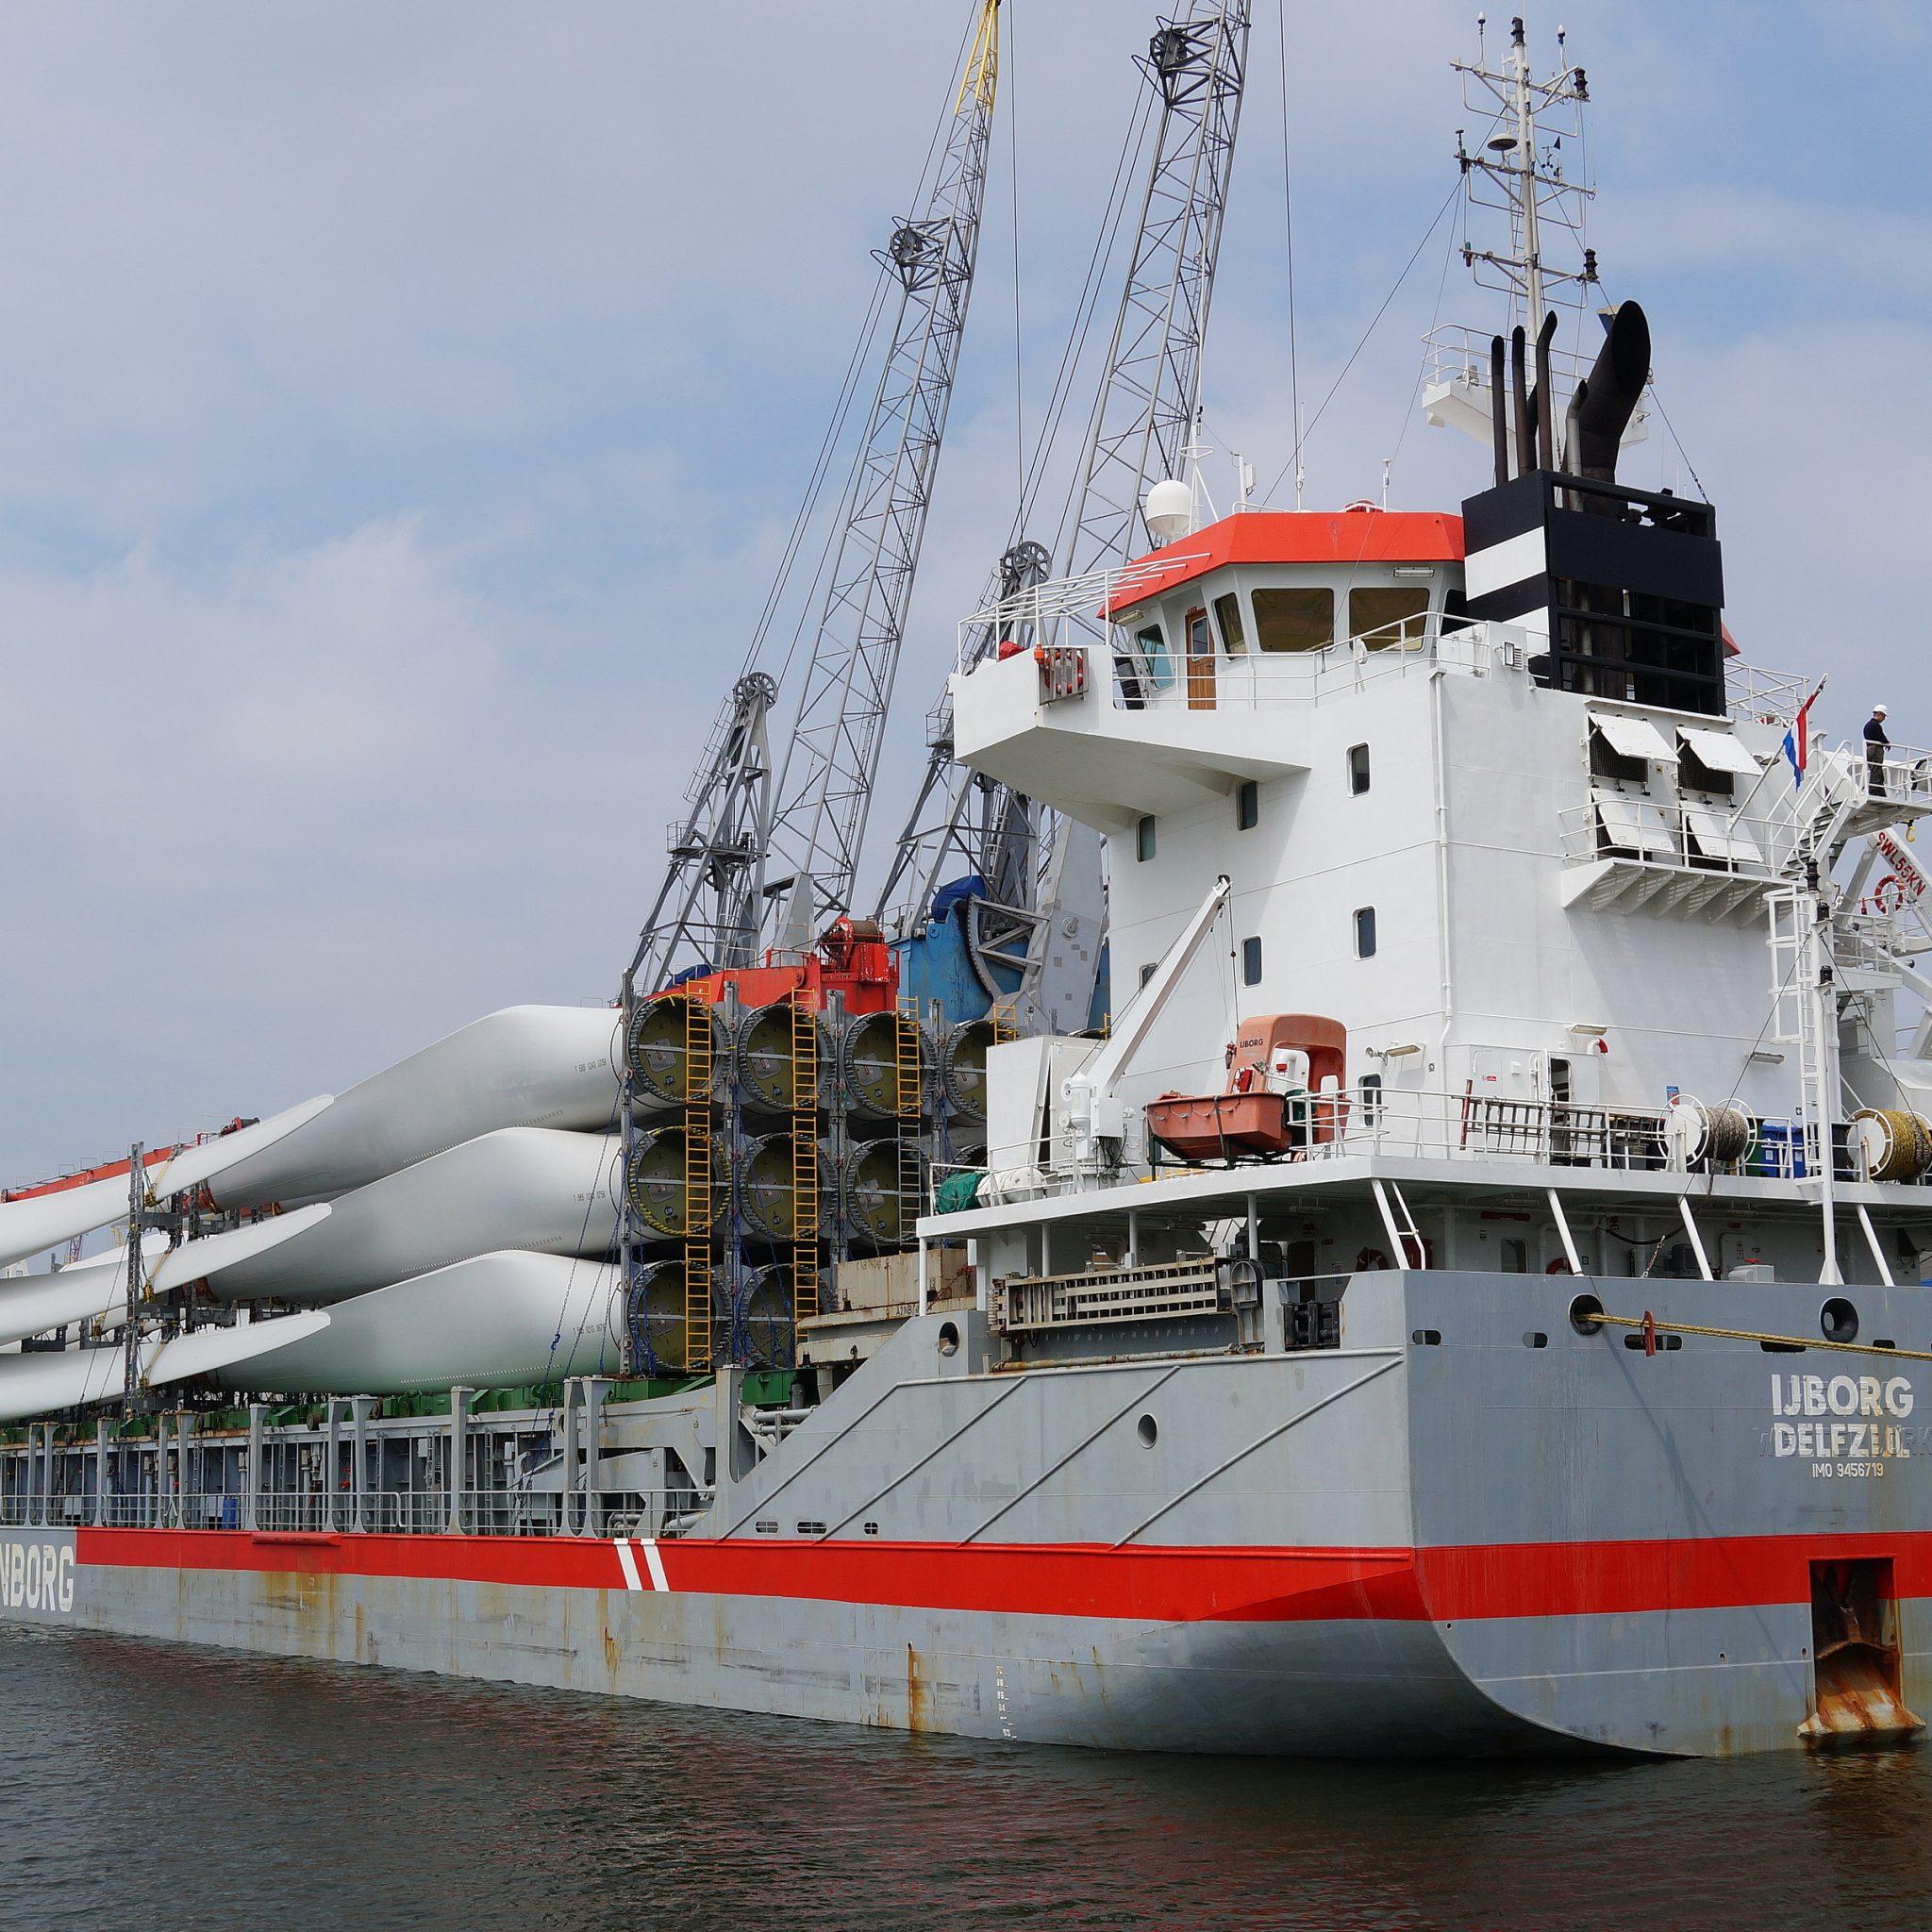 De IJborg, hier afgemeerd in de Waalhaven van Rotterdam, is verkocht en onder Russische vlag gebracht. (Foto Koos Goudriaan)